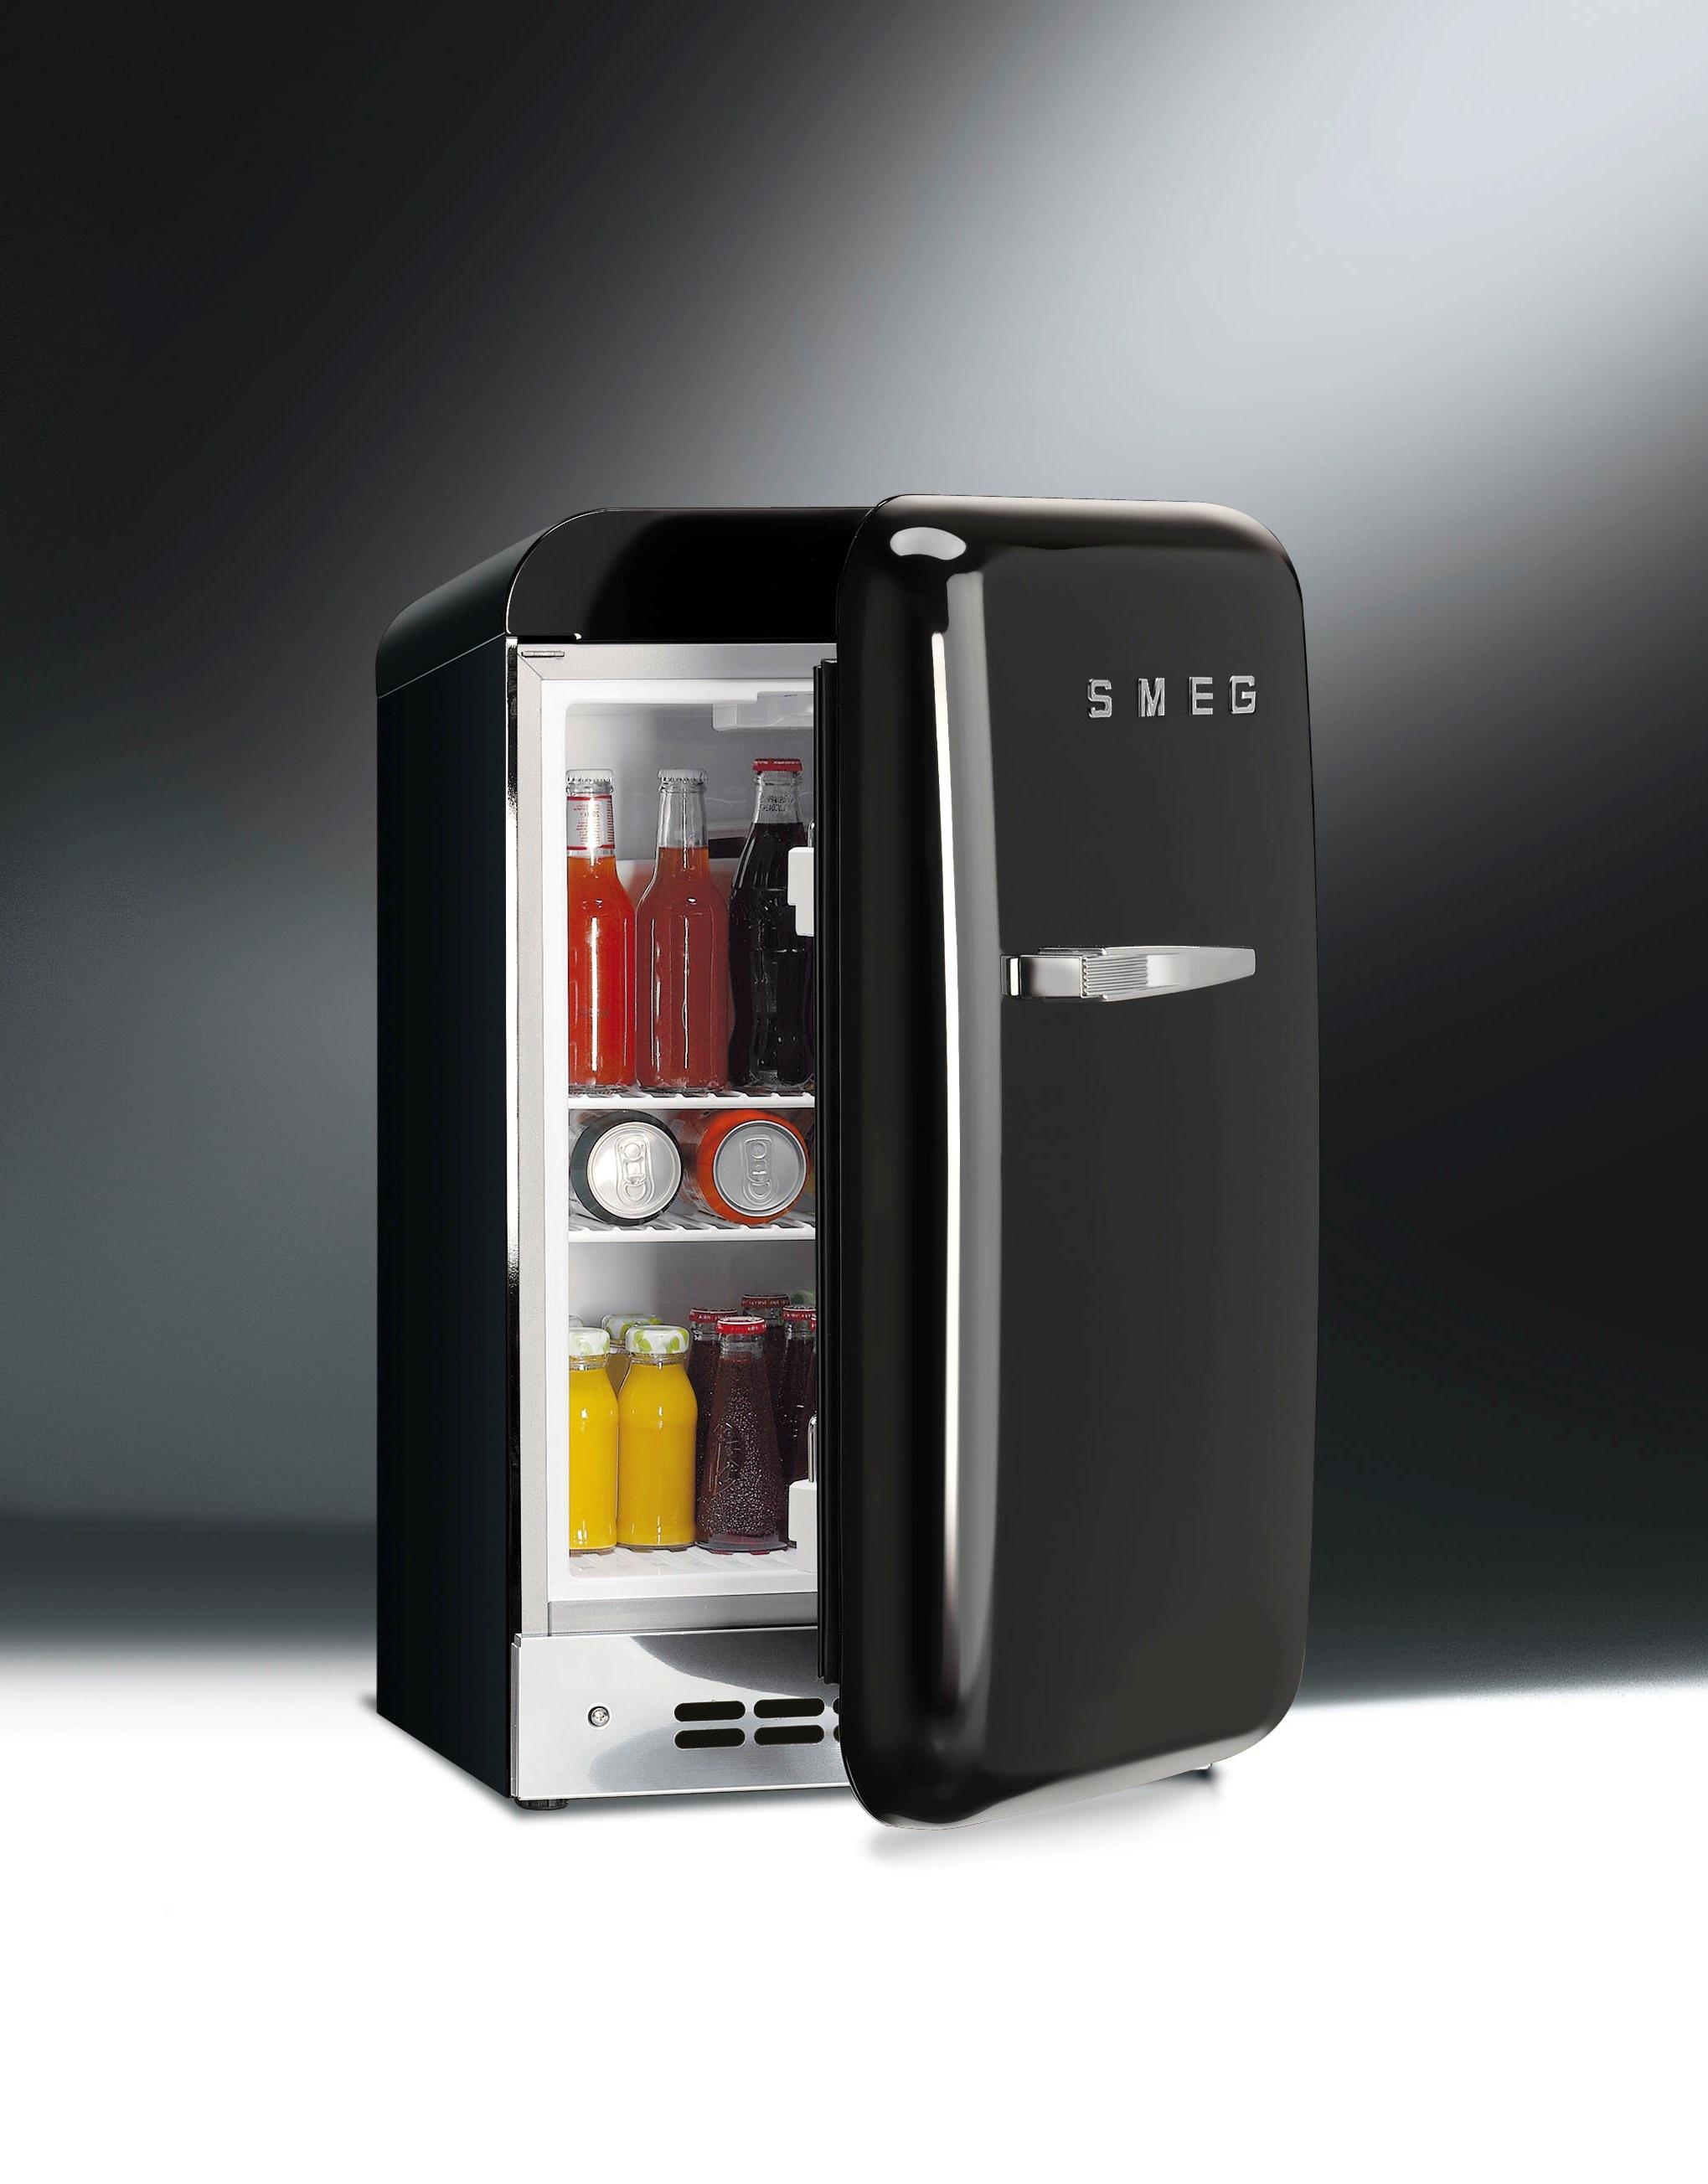 Mini Keuken Kopen : Smeg mini-koelkast: klein maar fijn – Nieuws Startpagina voor keuken